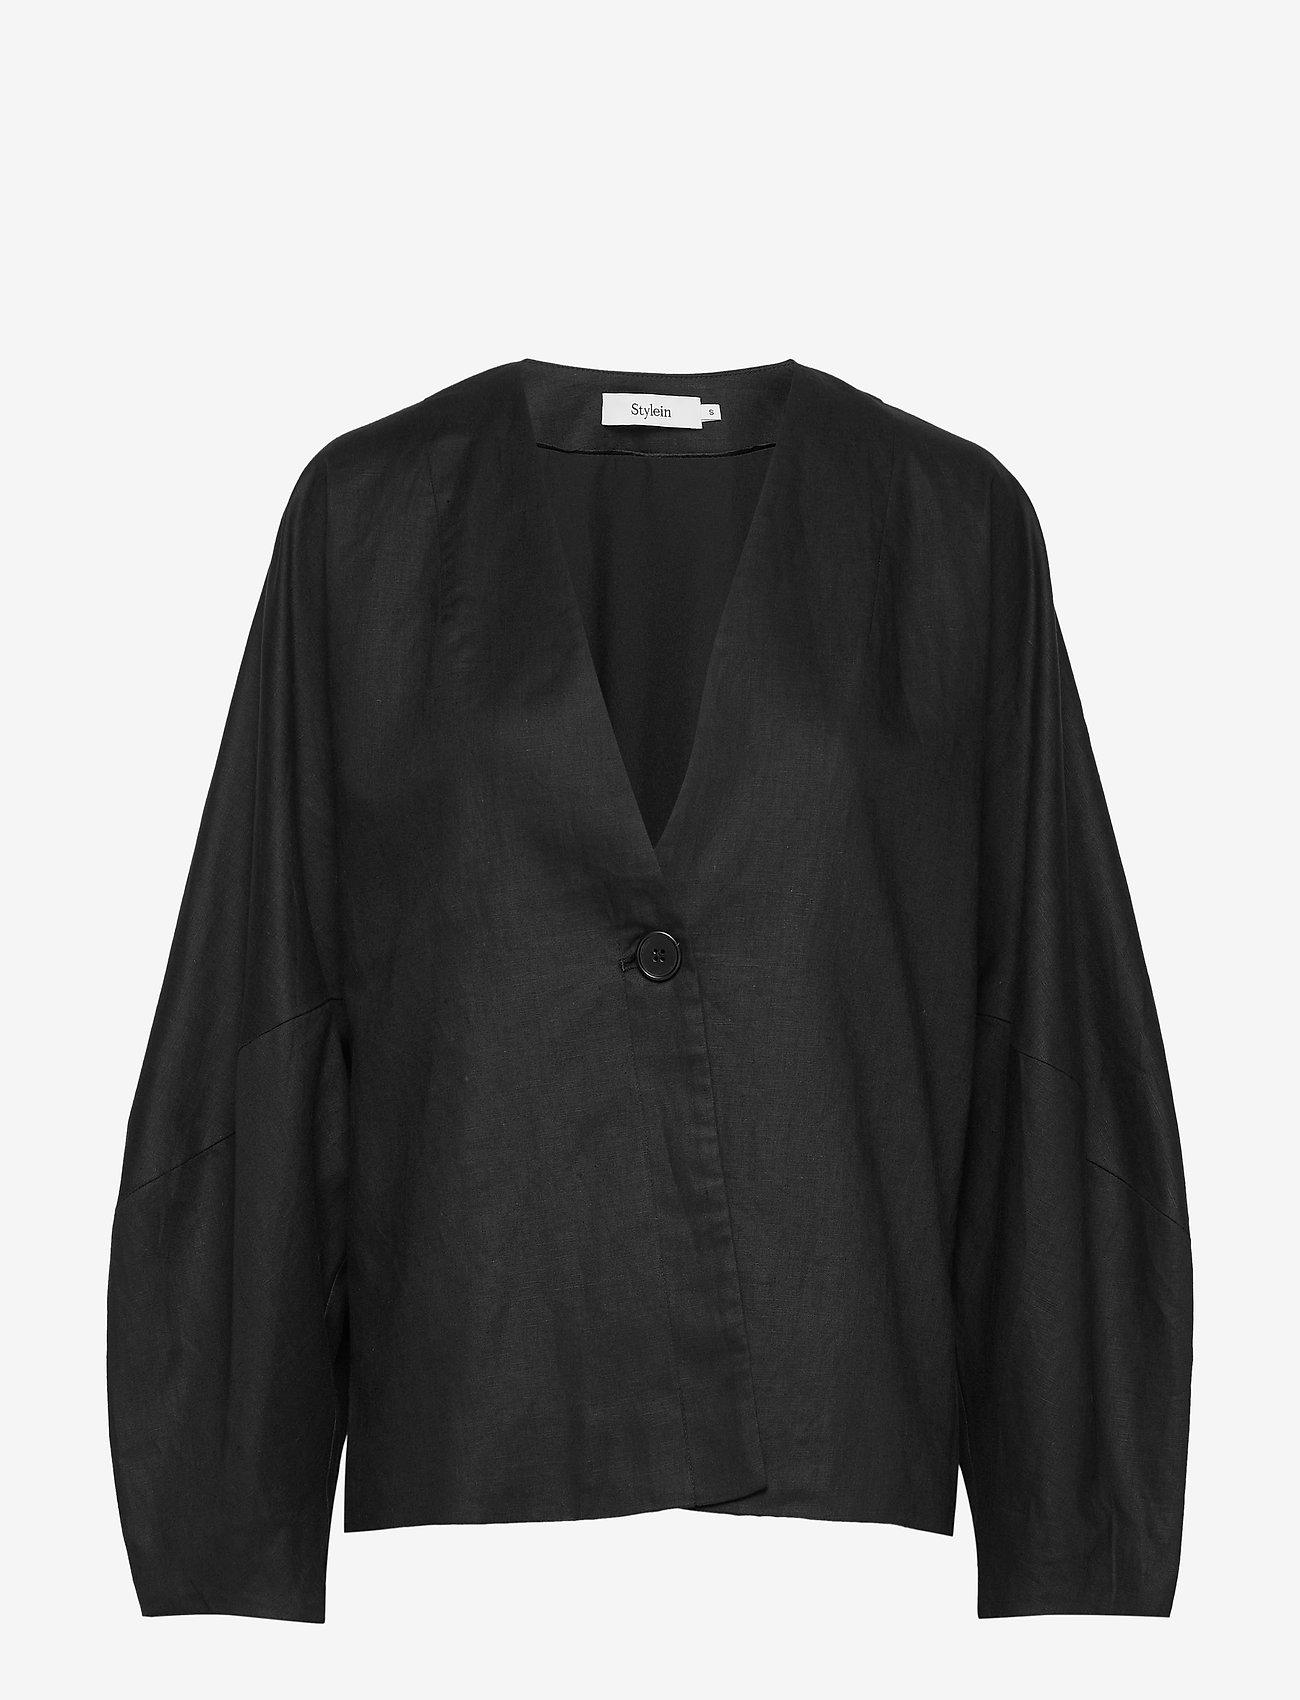 Brighton Jacket (Black) (168 €) - Stylein NgxXb